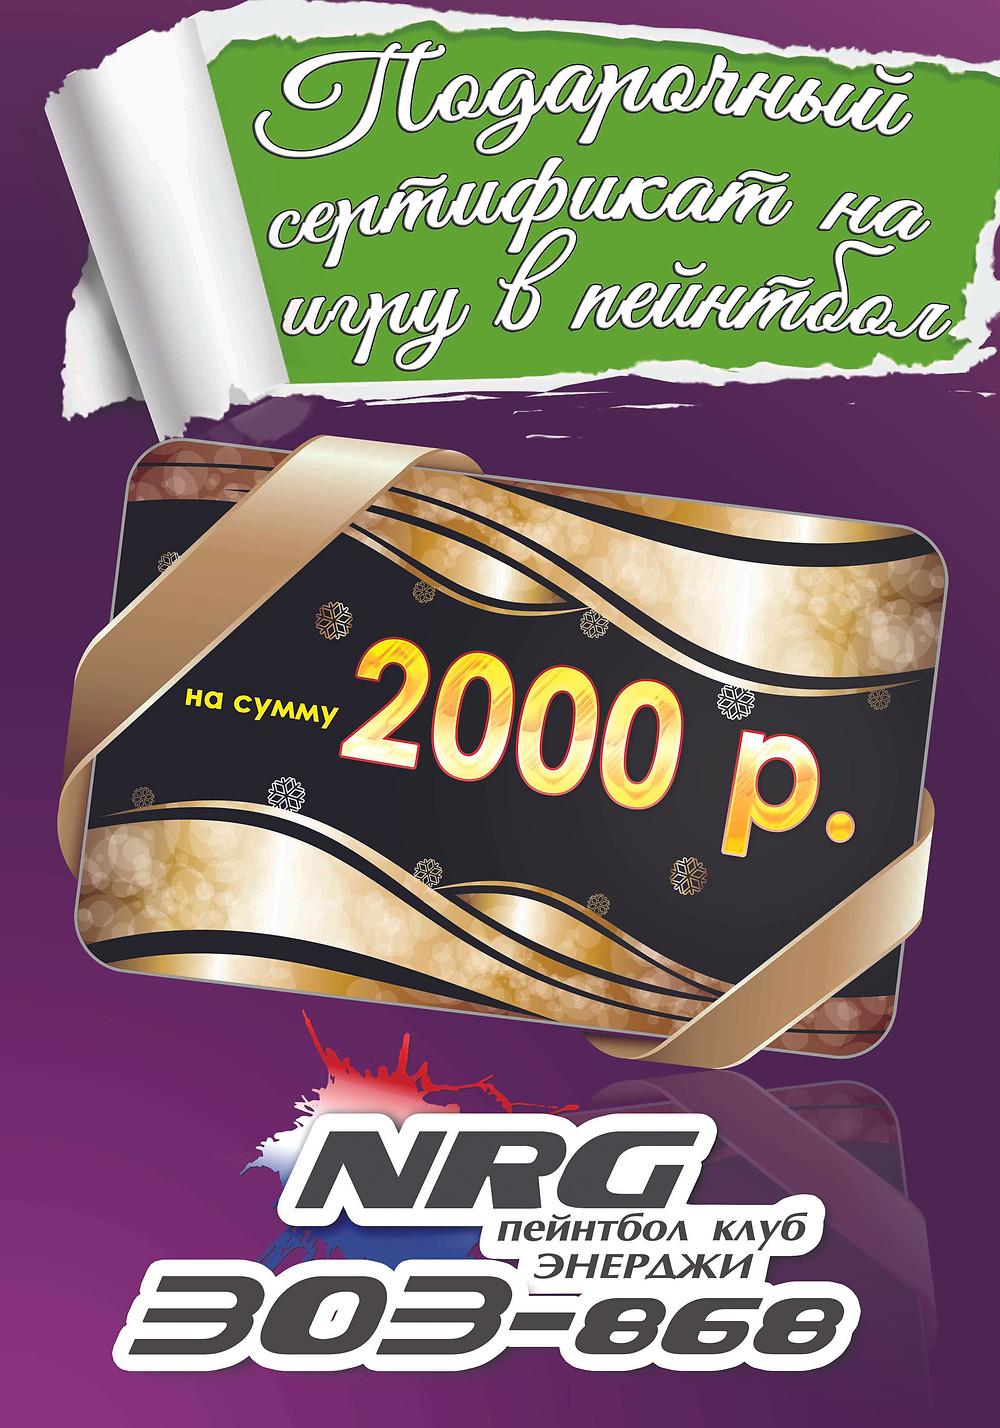 подарочный сертификат на пейнтбол в Саранске